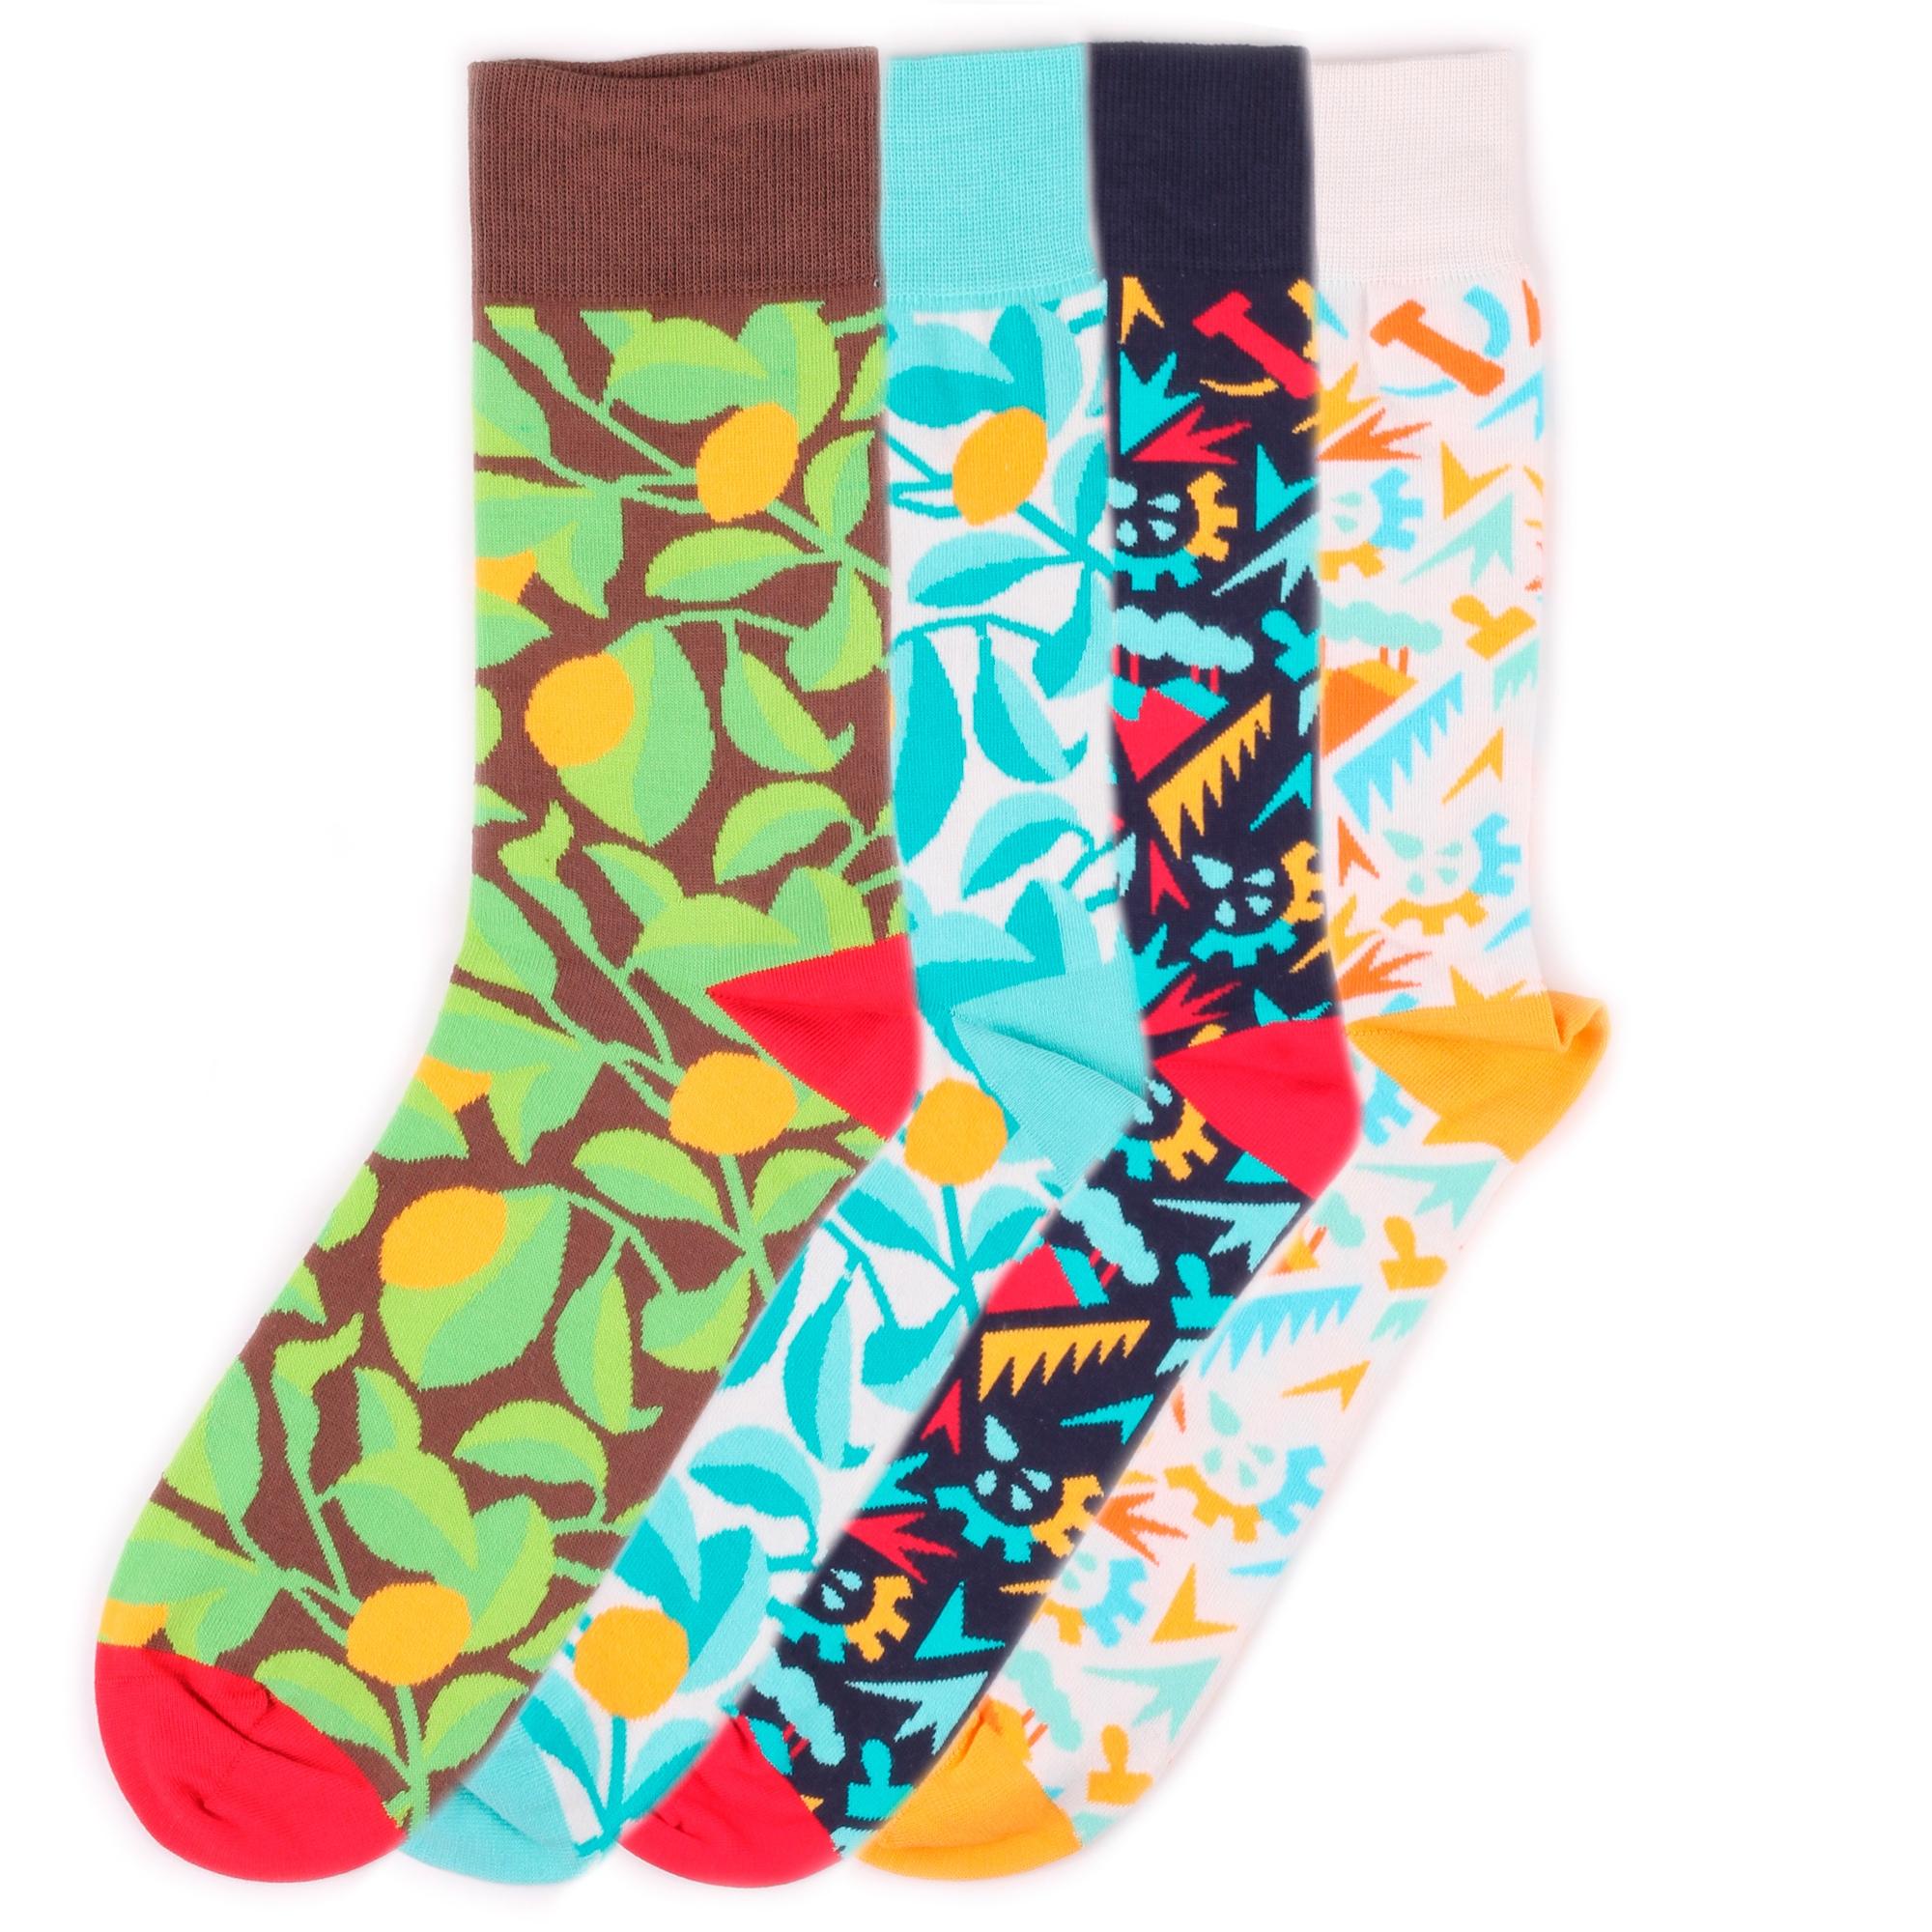 Набор носков Burning heels Lemons Industry разноцветный 39-41